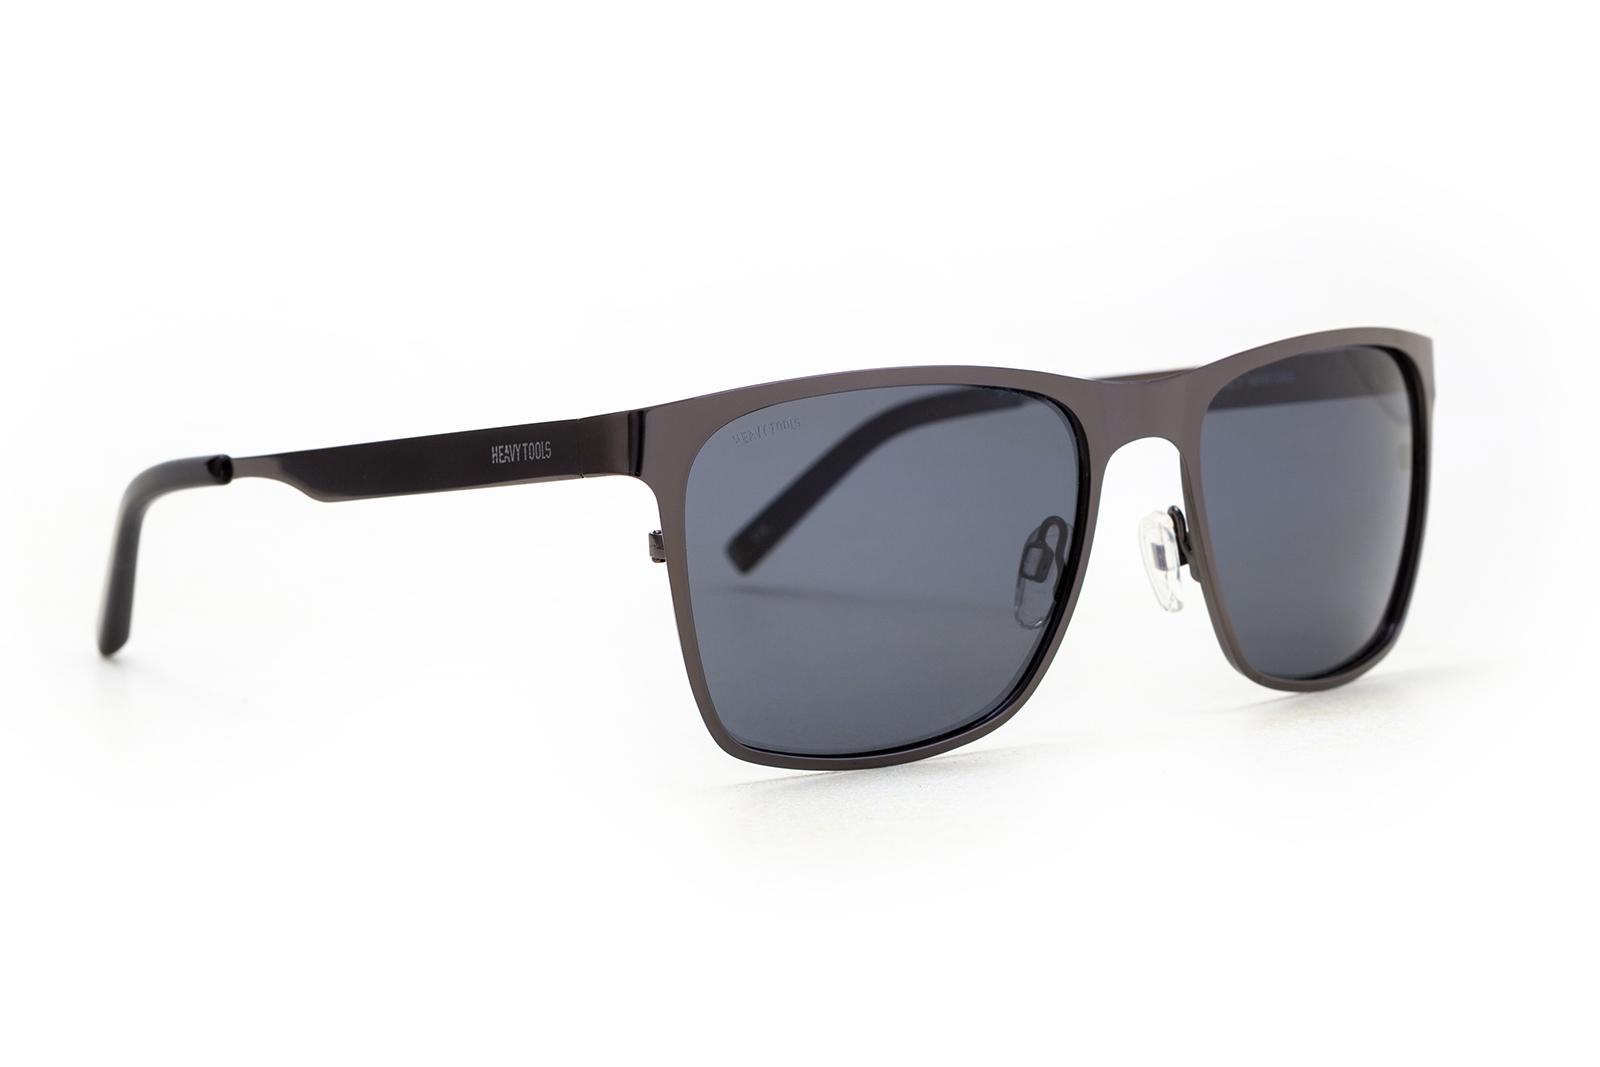 HeavyTools férfi napszemüveg 4901 B